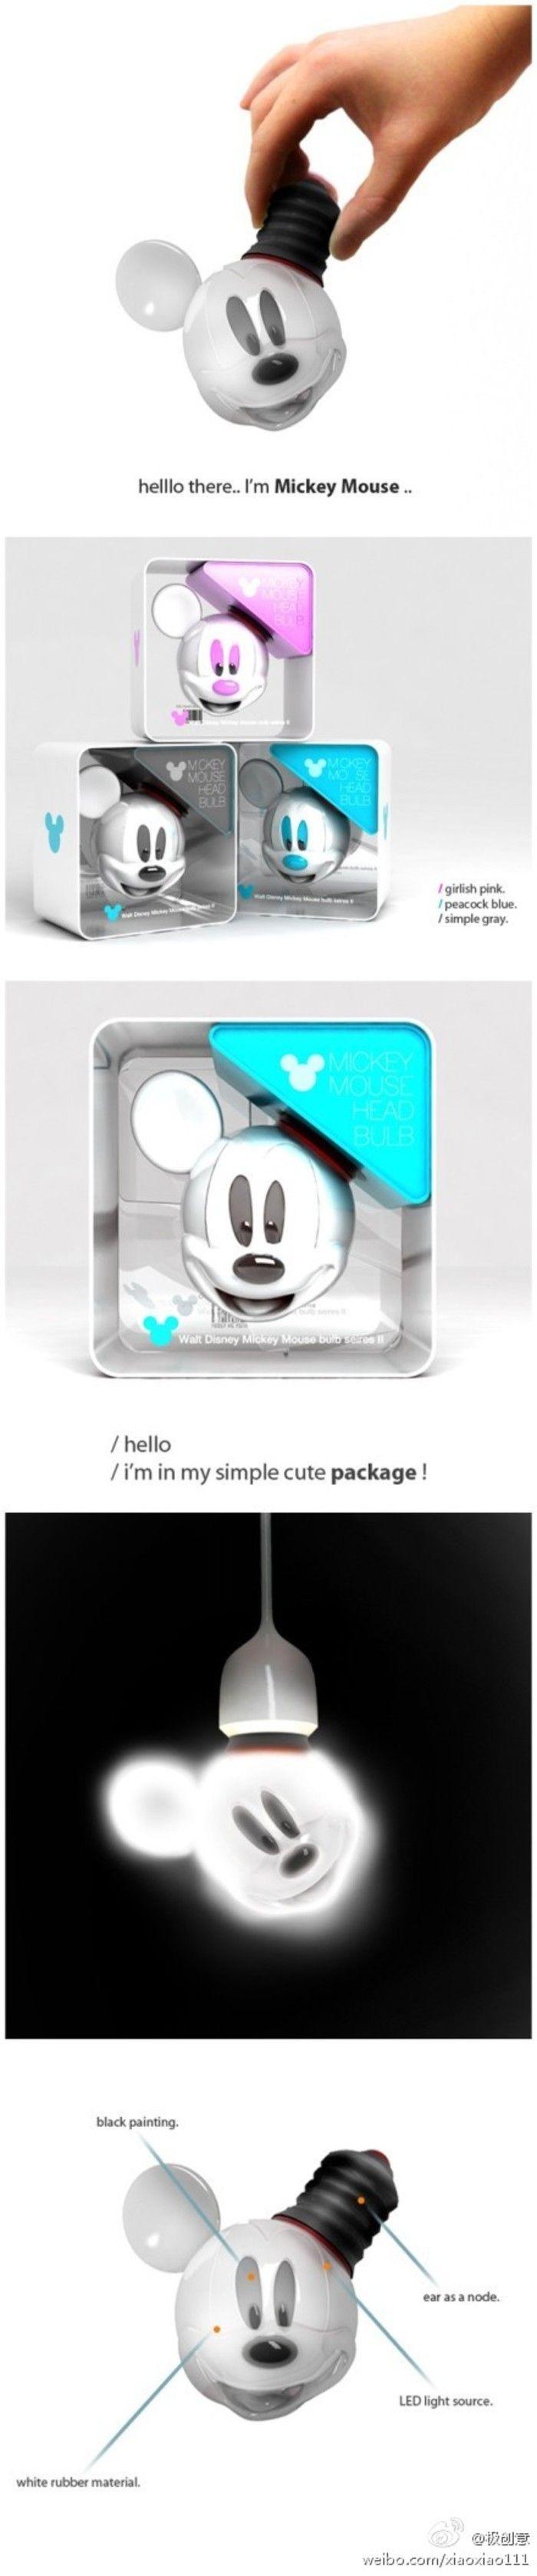 Disney design Disney home